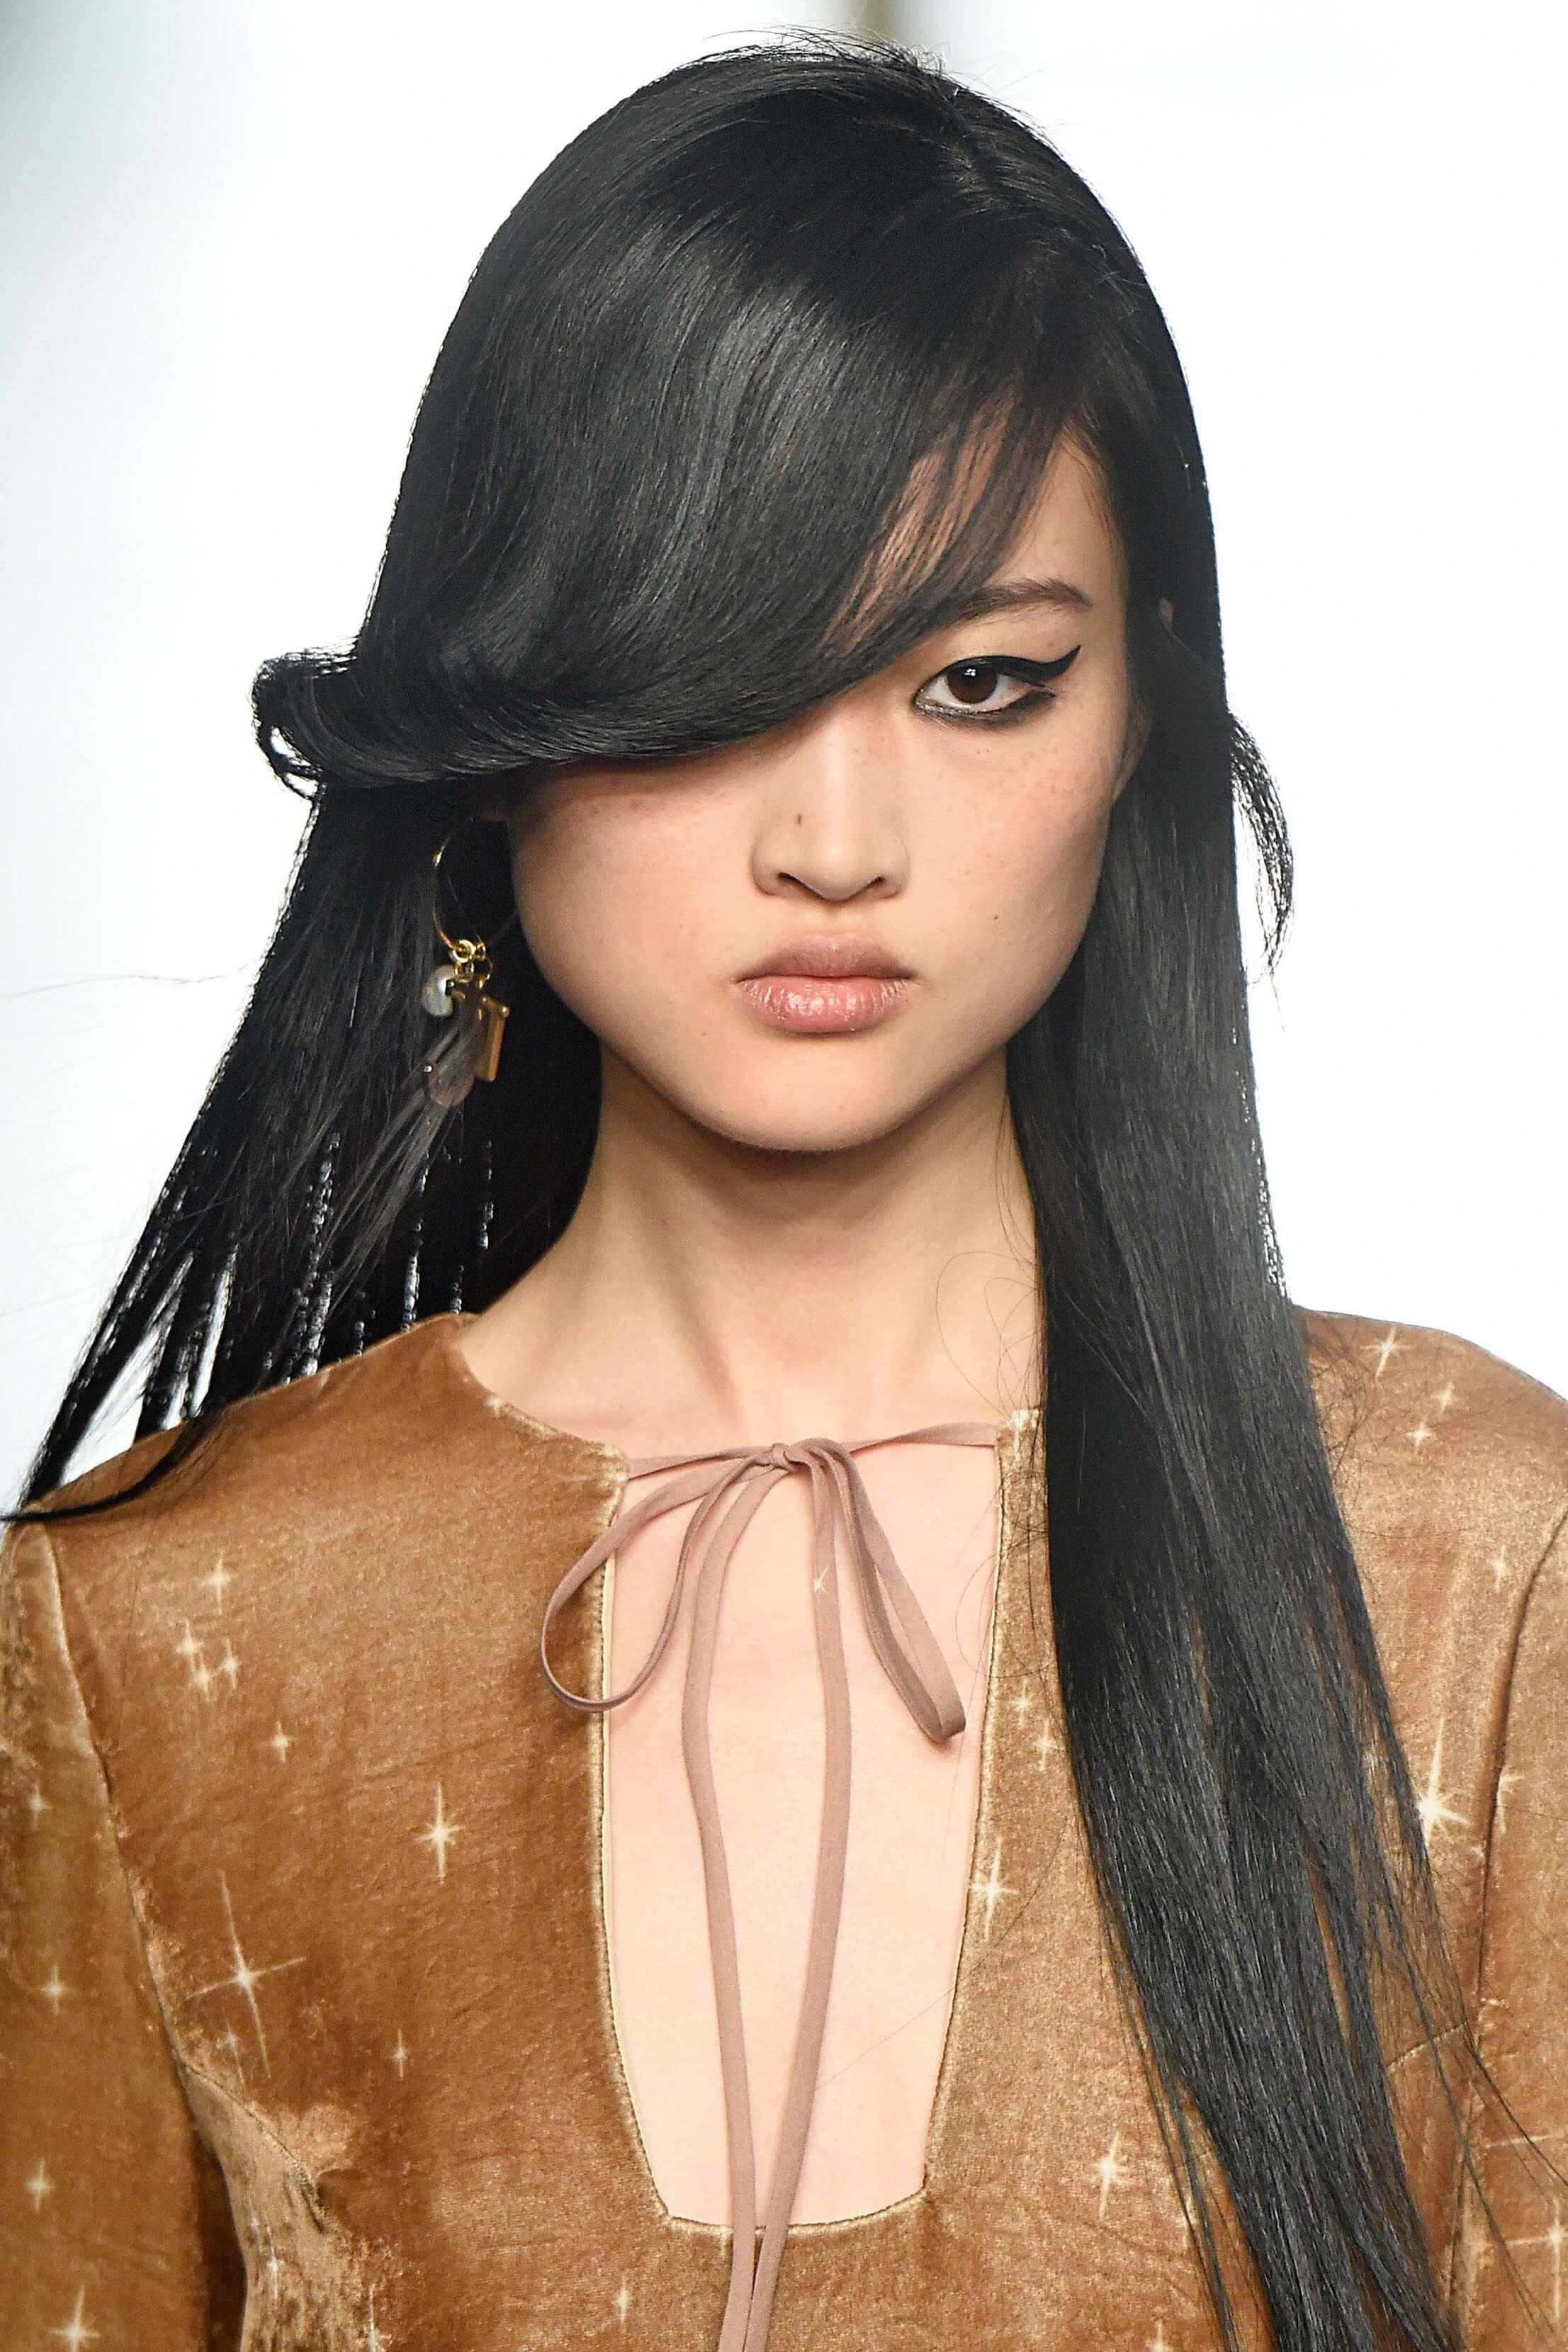 Femme asiatique aux cheveux longs et à la frange balayée sur le côté : coiffures pour visages ronds